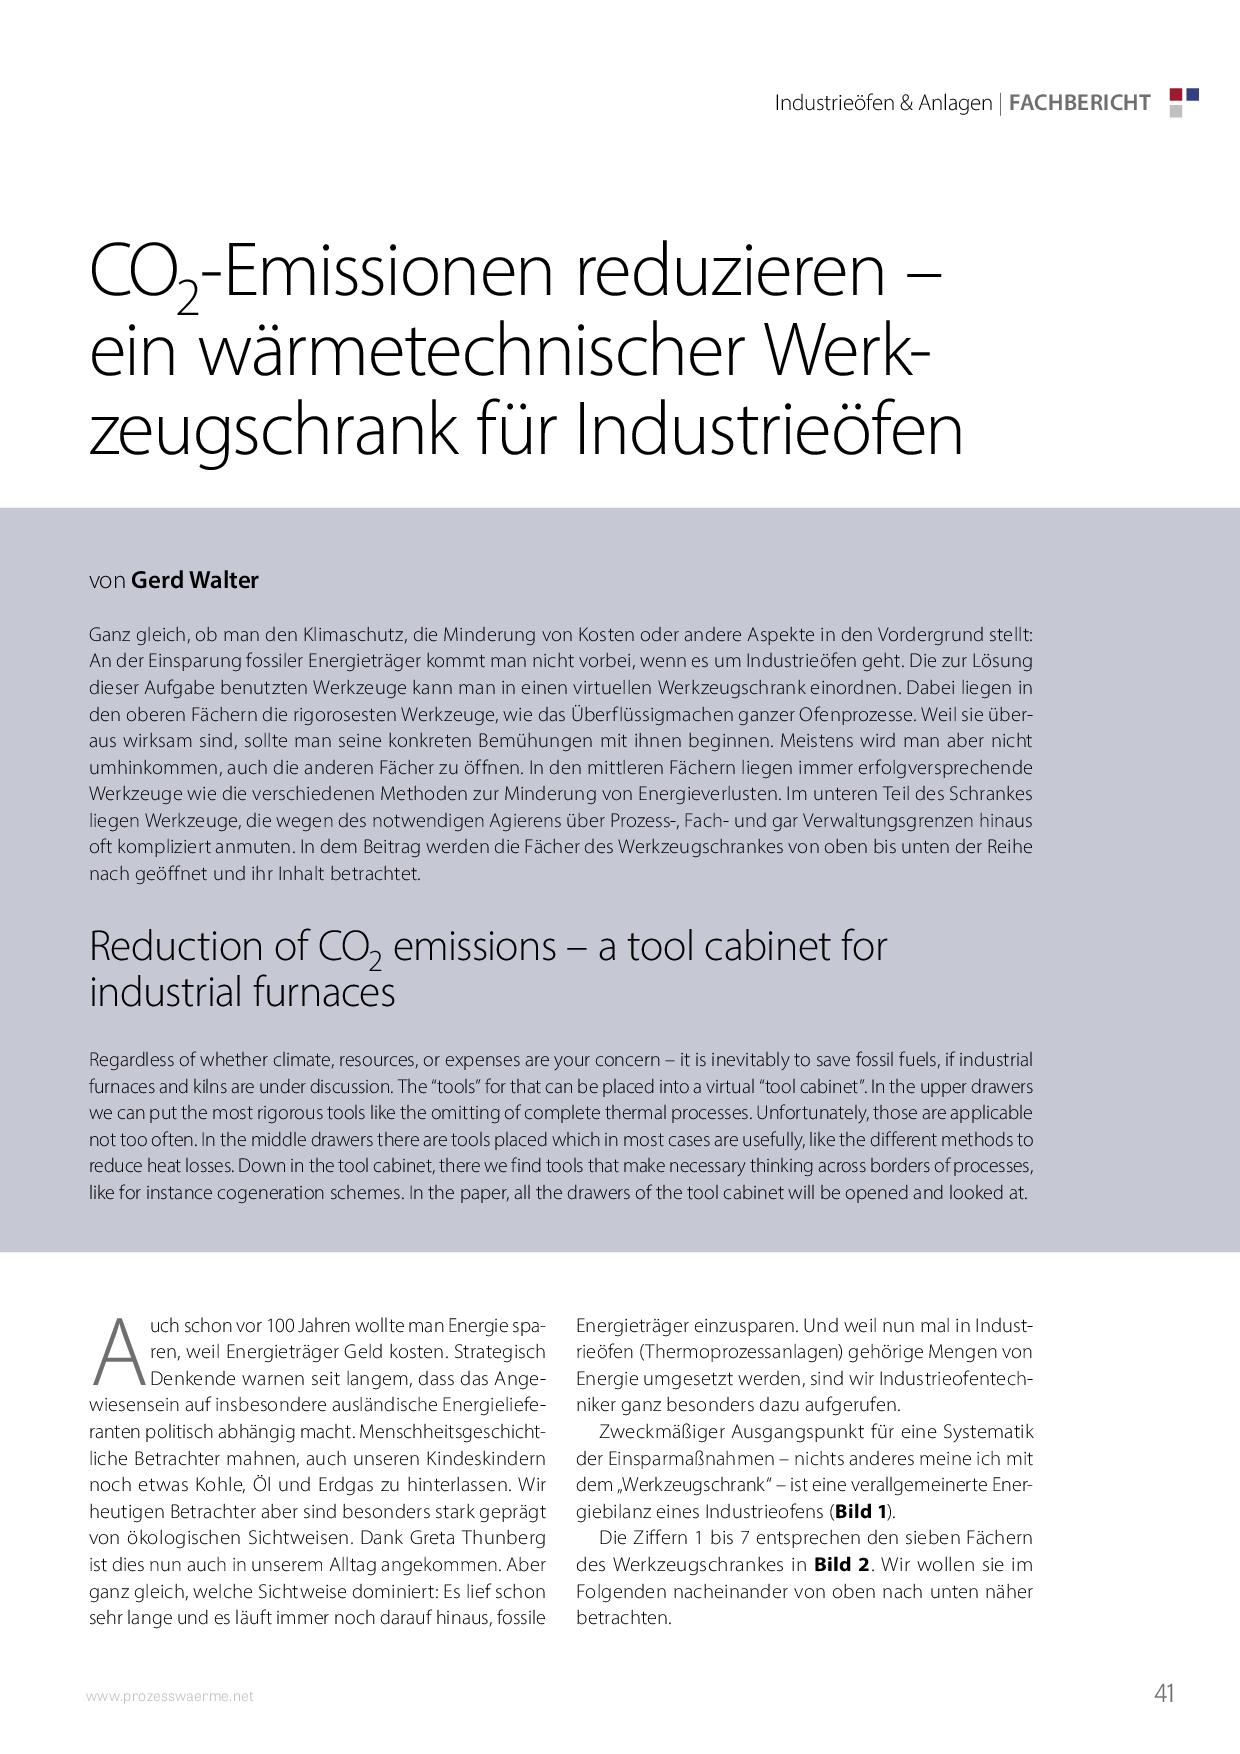 CO2-Emissionen reduzieren – ein wärmetechnischer Werkzeugschrank für Industrieöfen